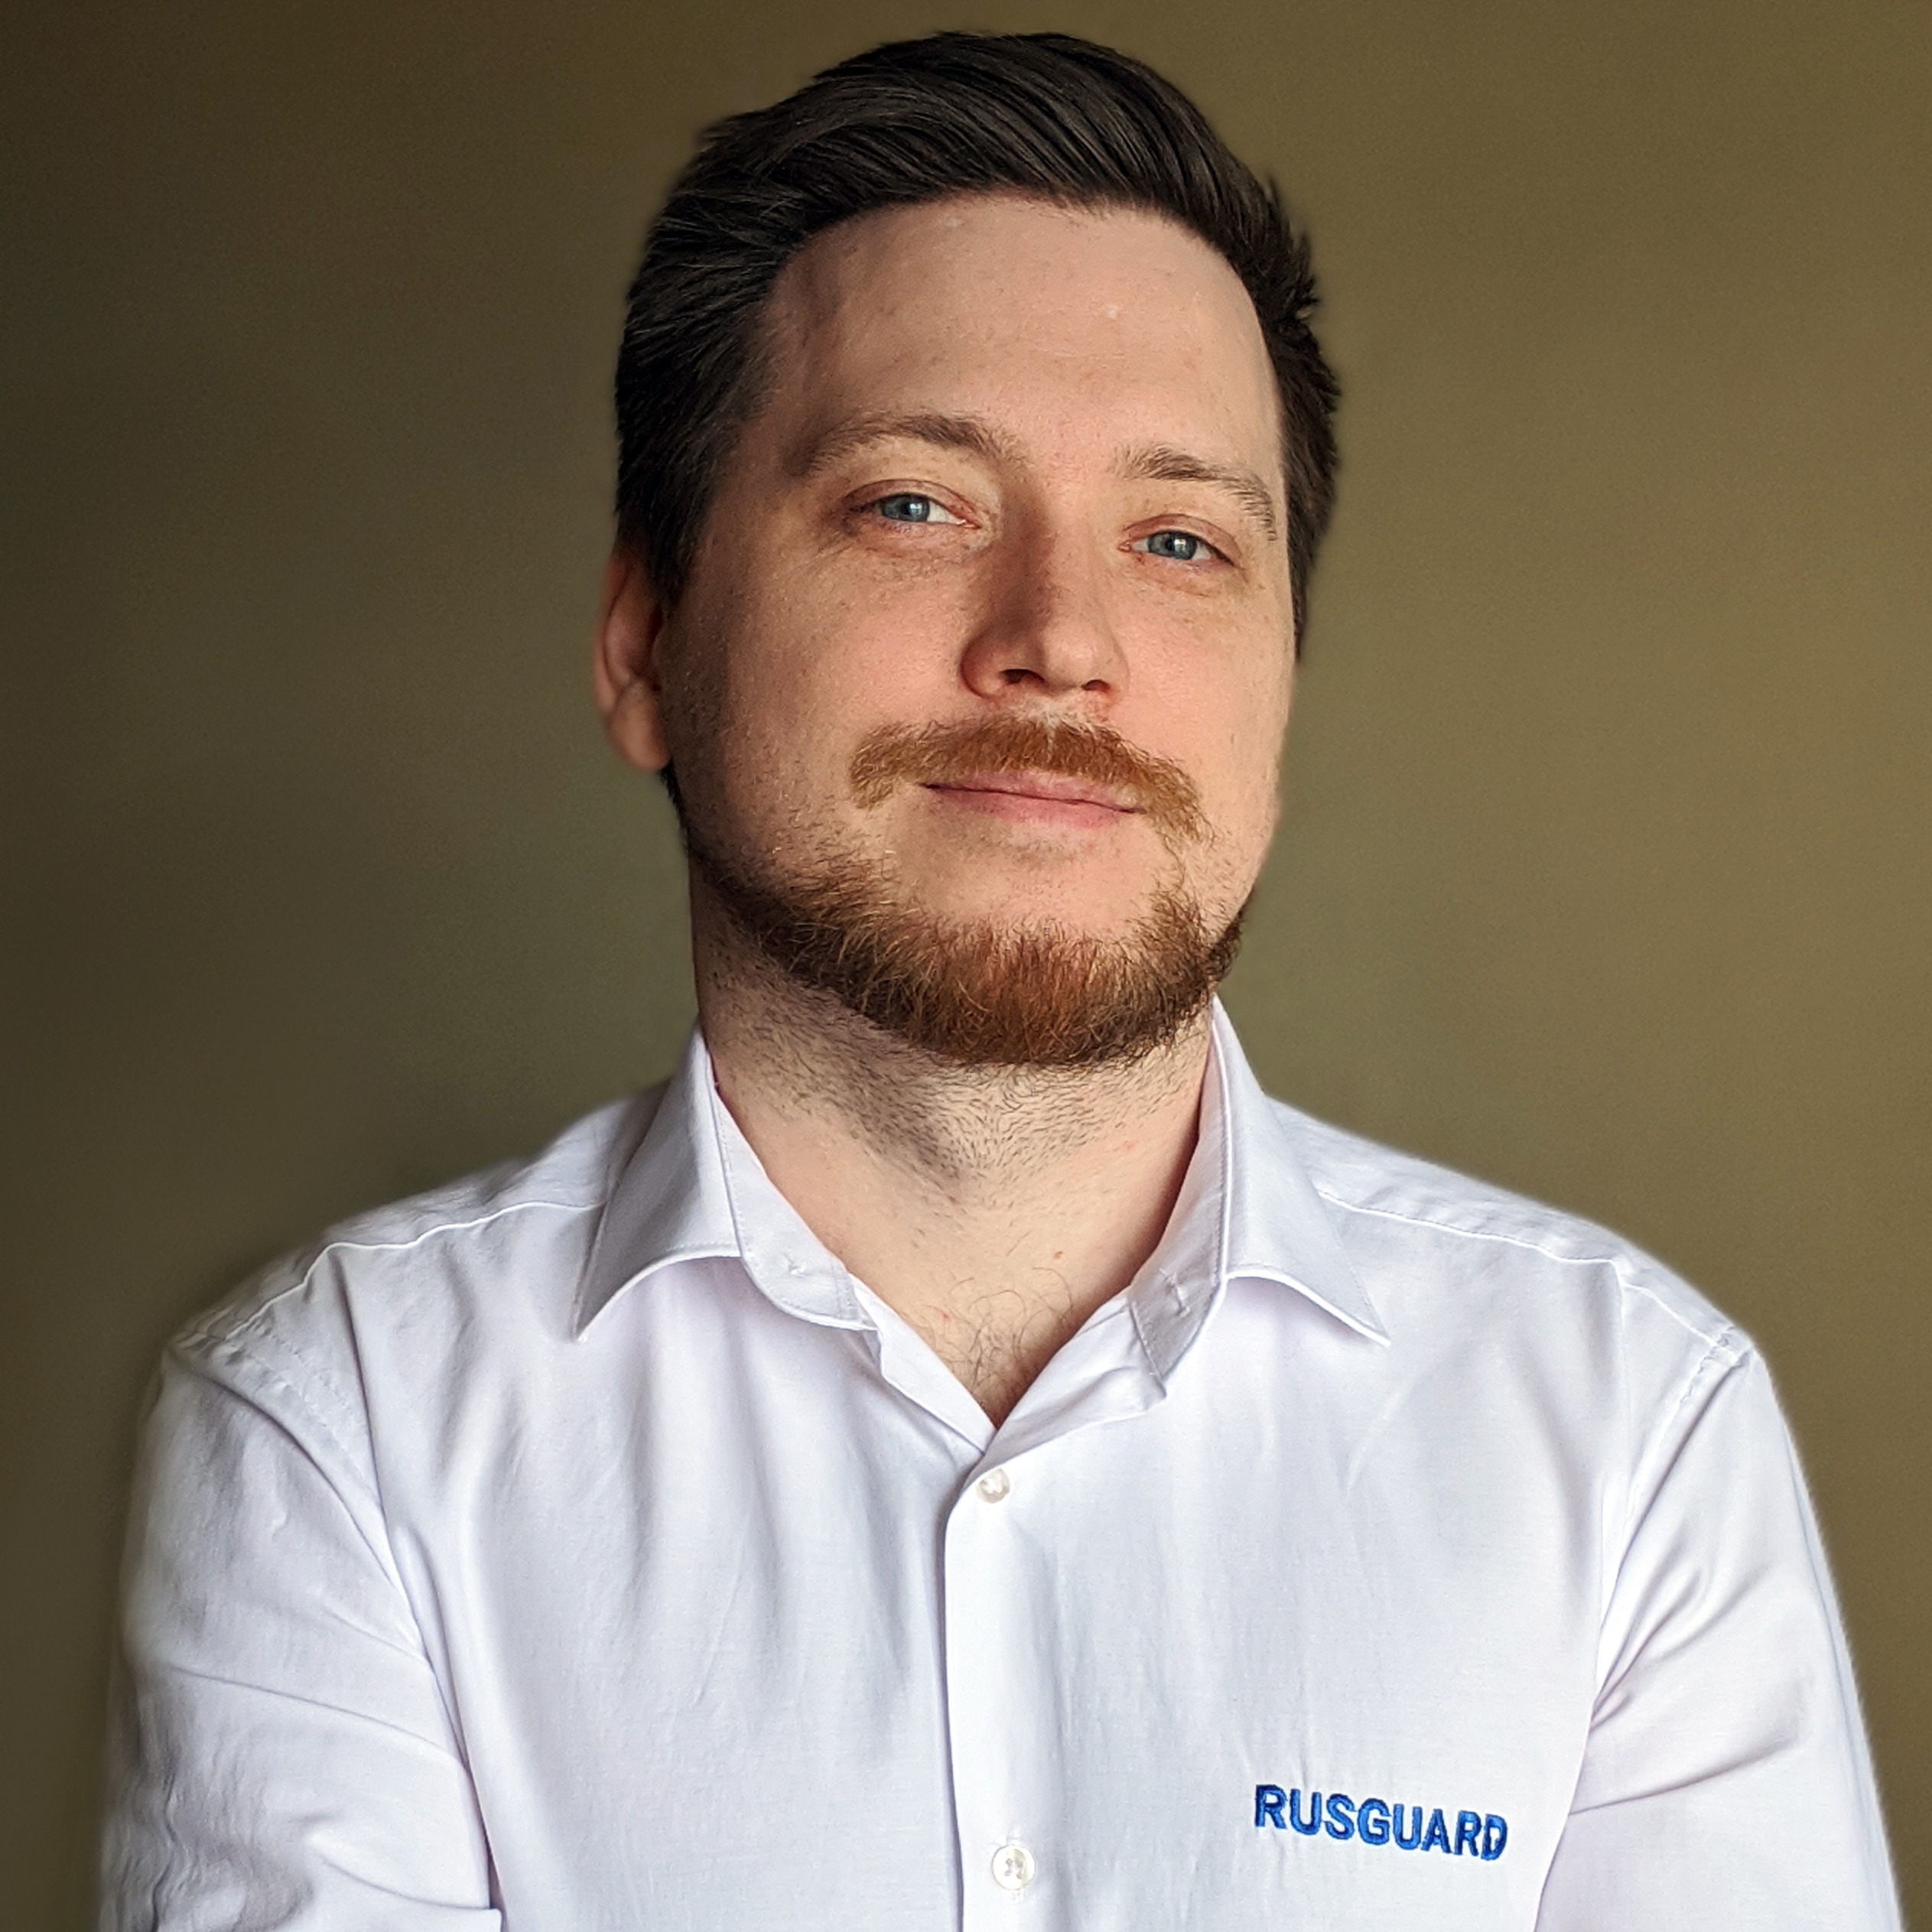 Алексей Киндялов RusGuard